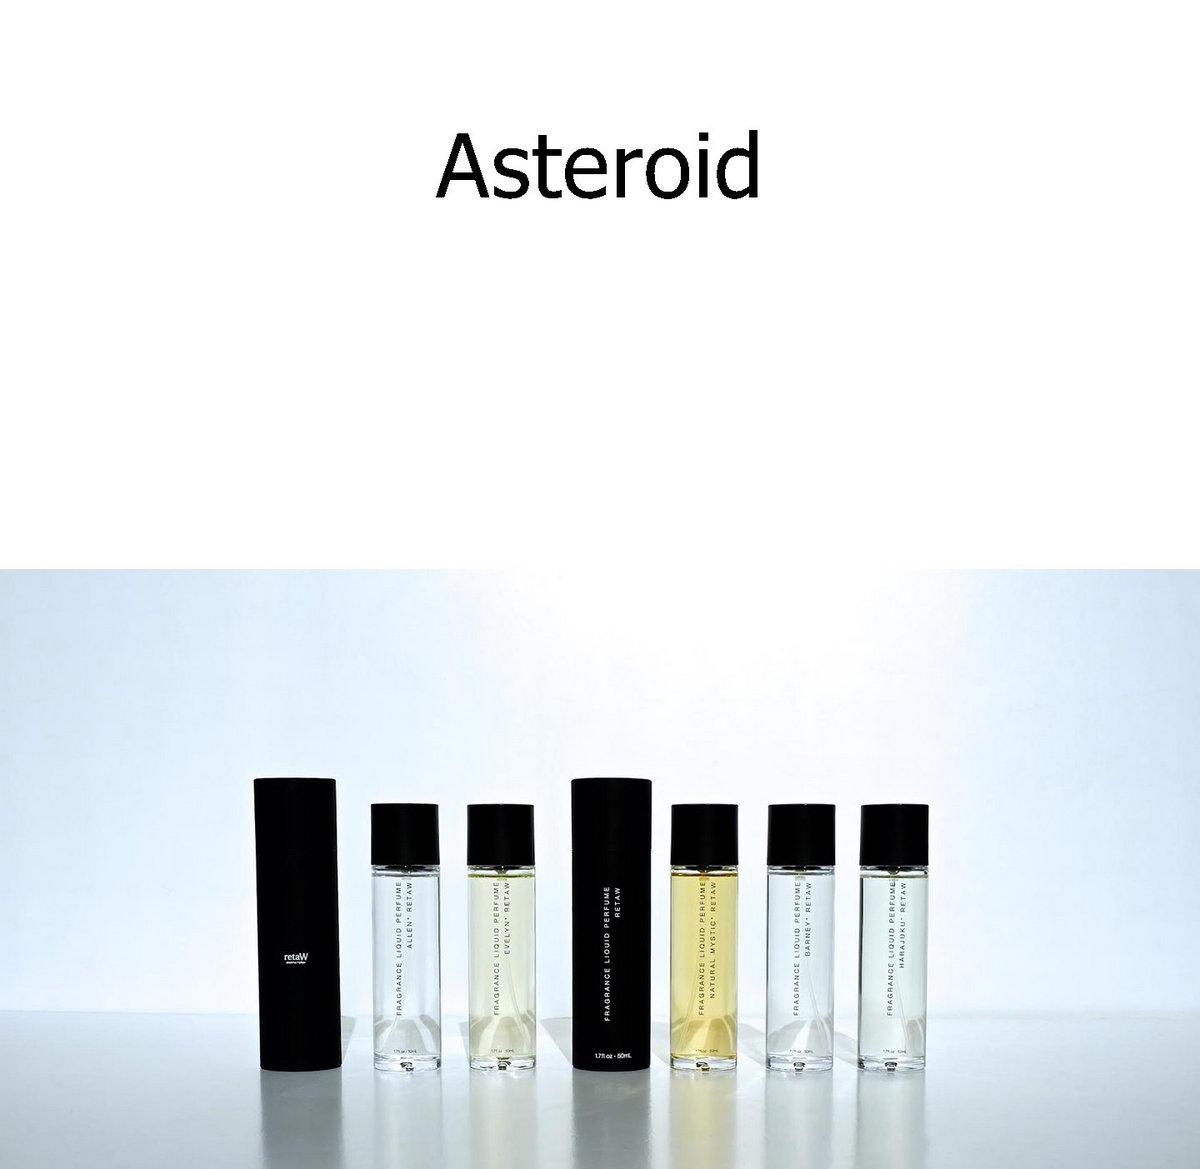 how download asteroid v 0 9 7 2019 safe version | faucasenremo